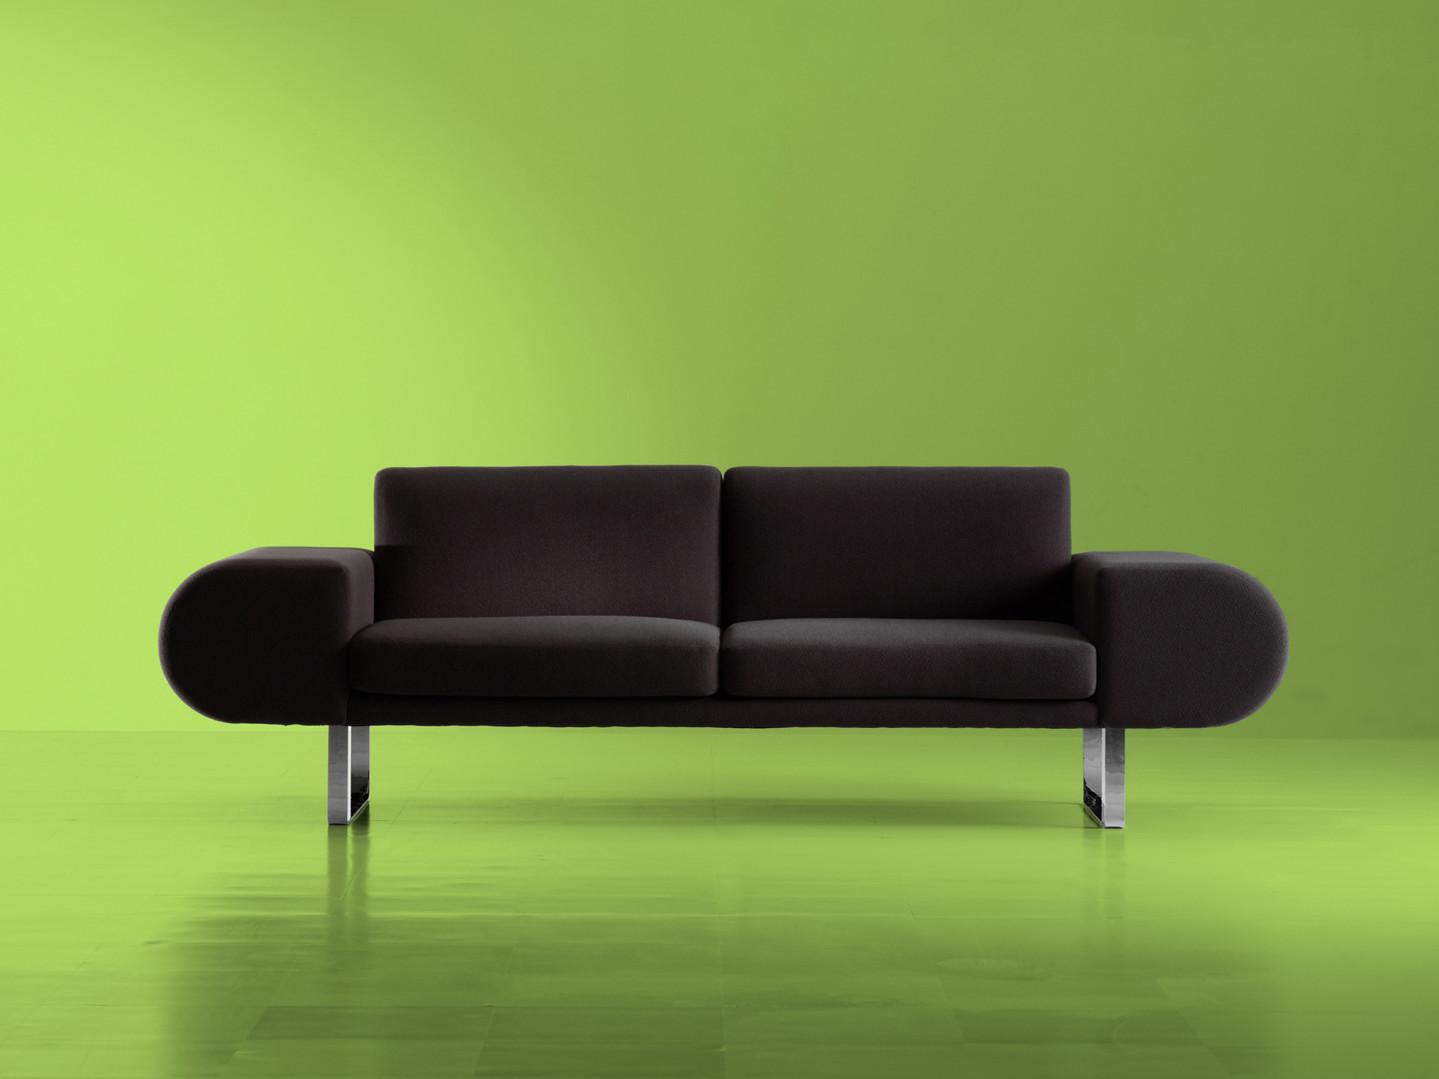 Adal sofa orolo Japan